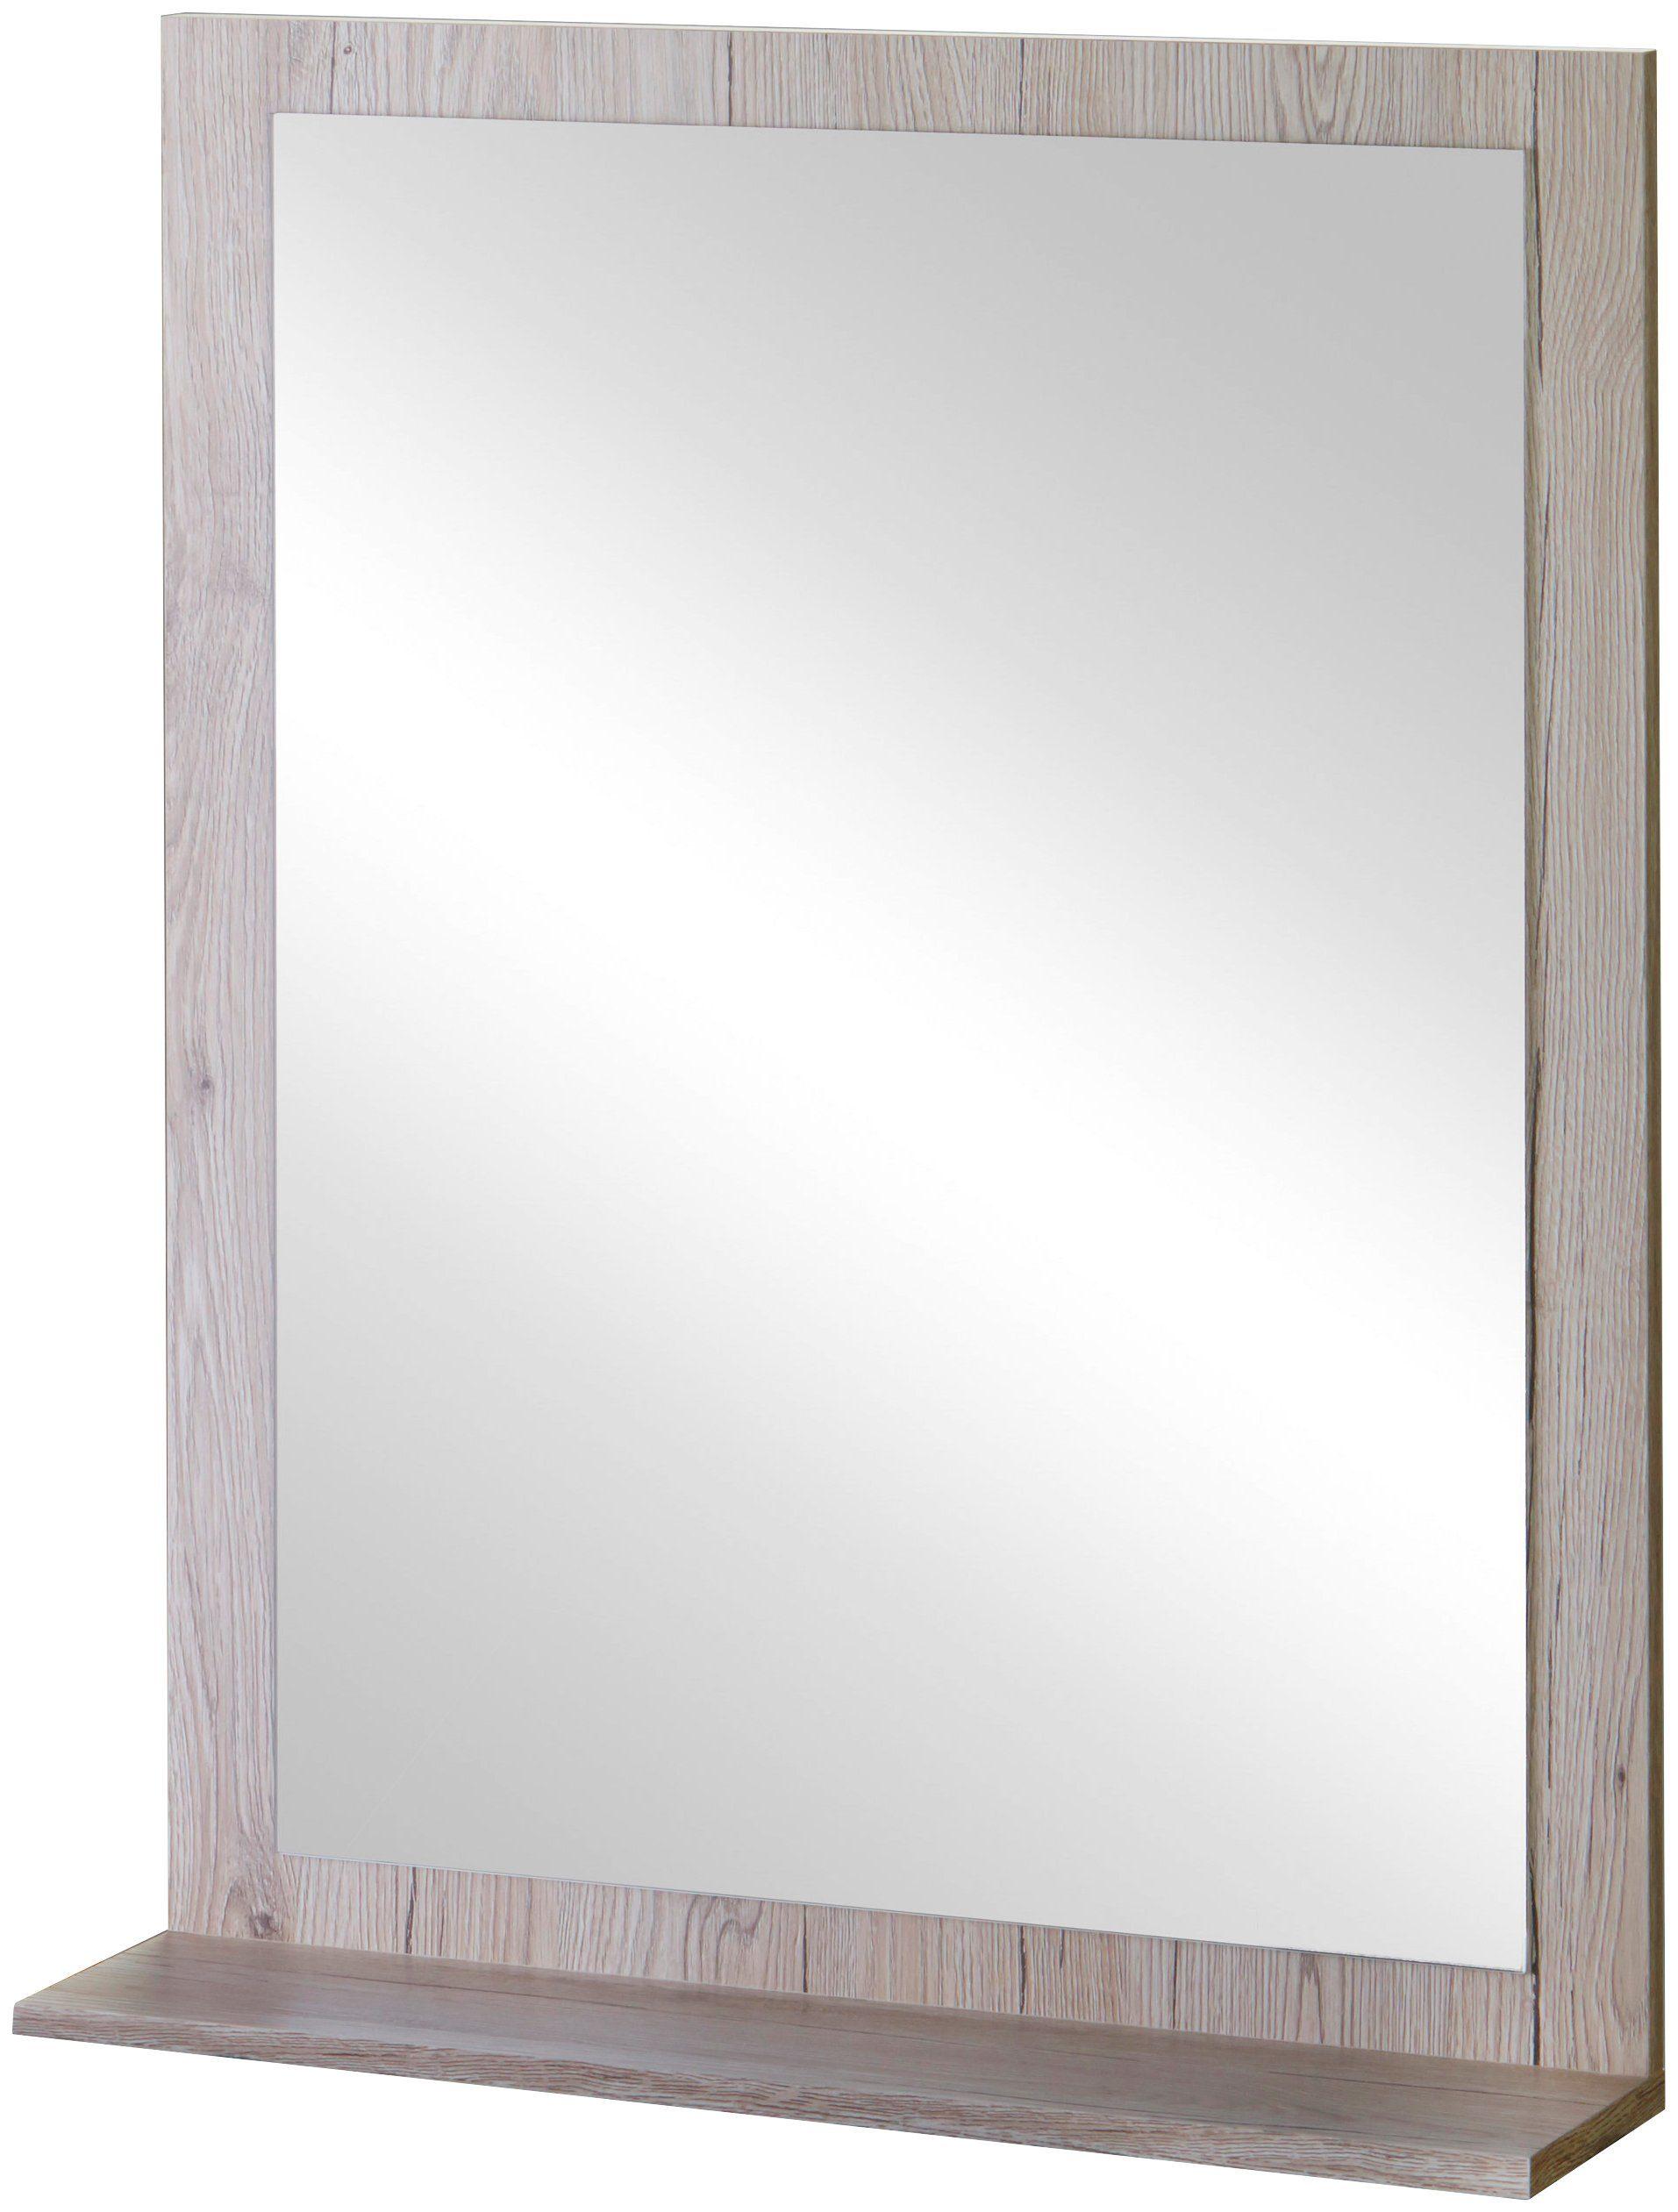 Kesper Spiegel / Badspiegel »New York« Breite 59 cm, mit Ablage